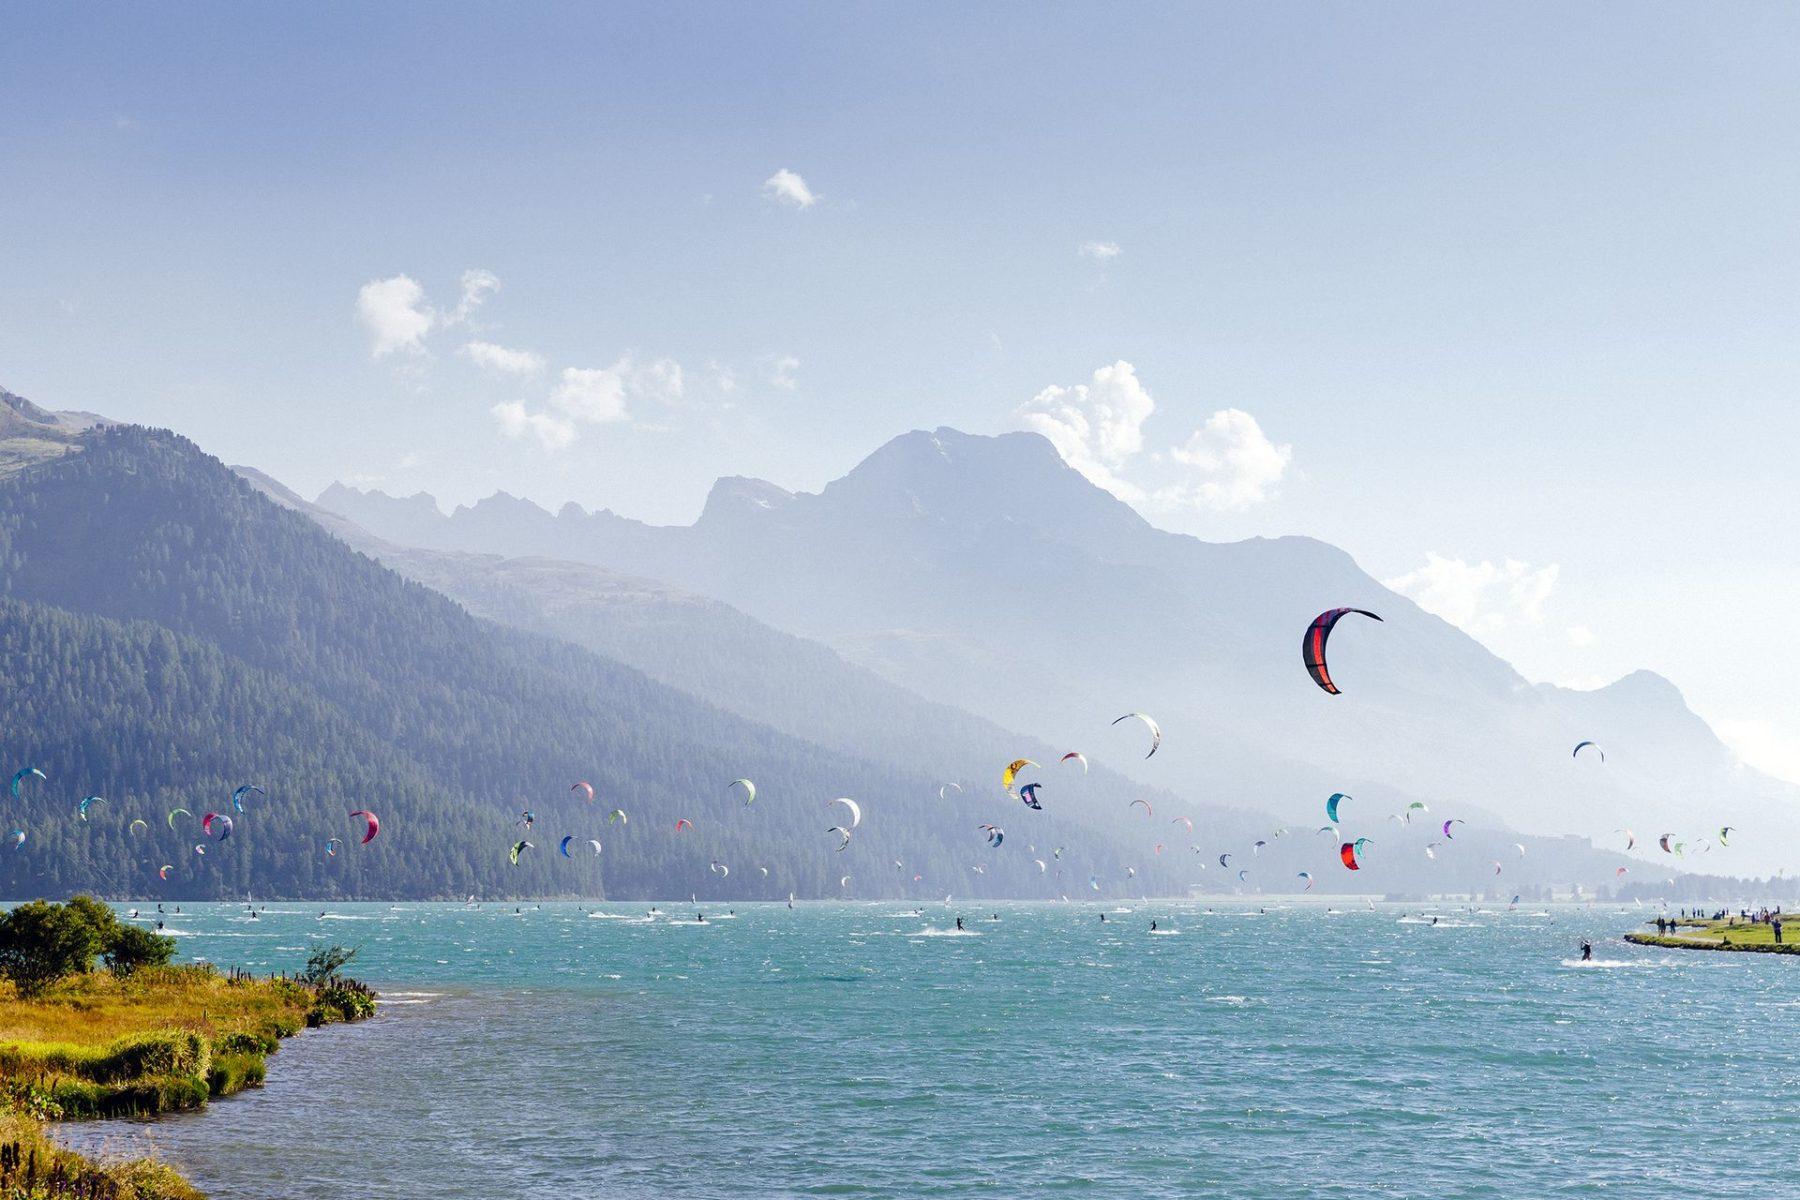 Tra le tante attività da praticare sul lago anche kite surfing